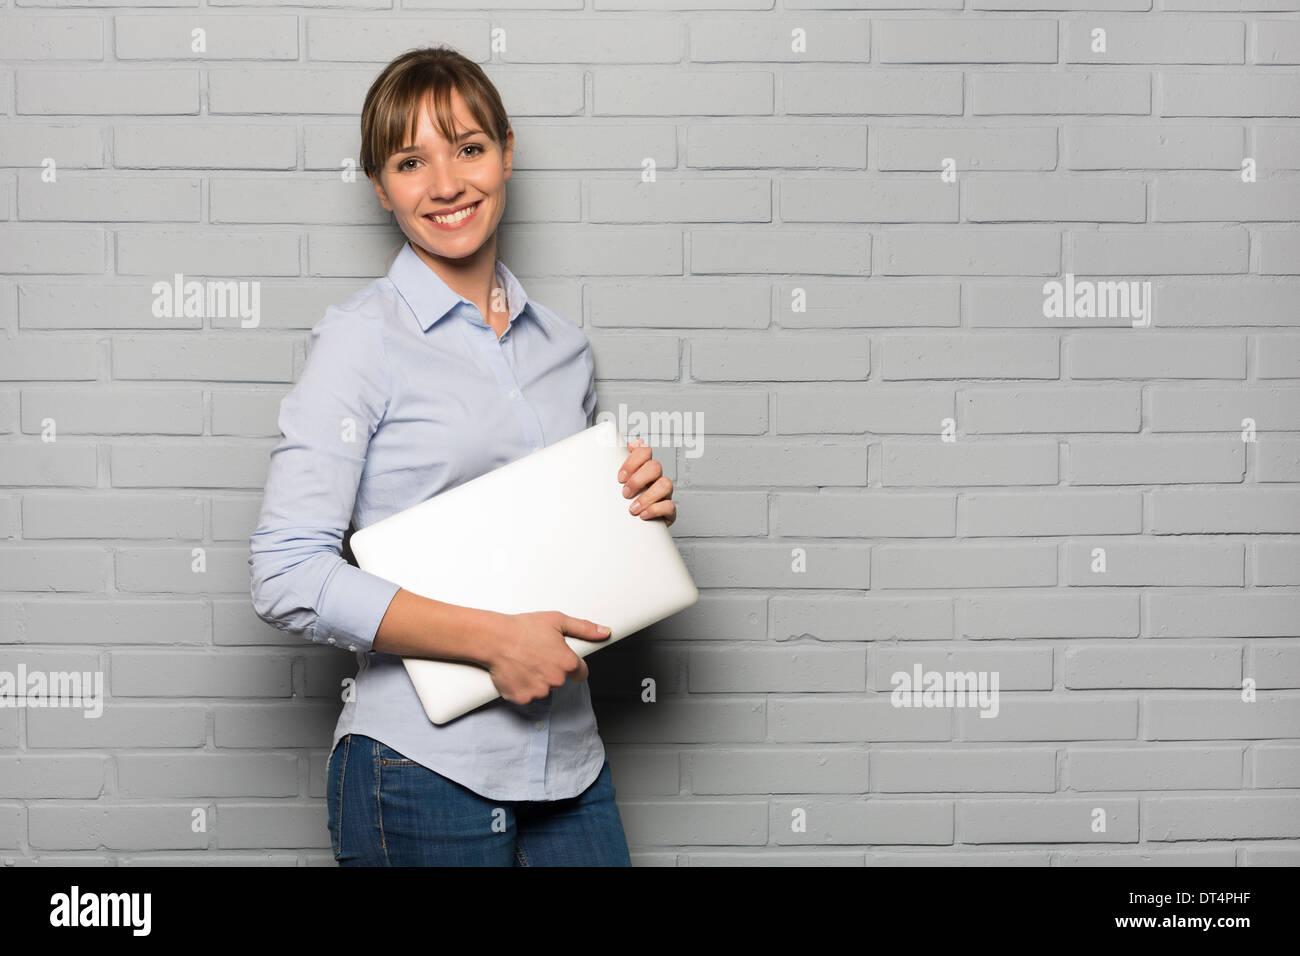 Ritratto di giovane donna con il computer in studio, guardando la fotocamera Immagini Stock